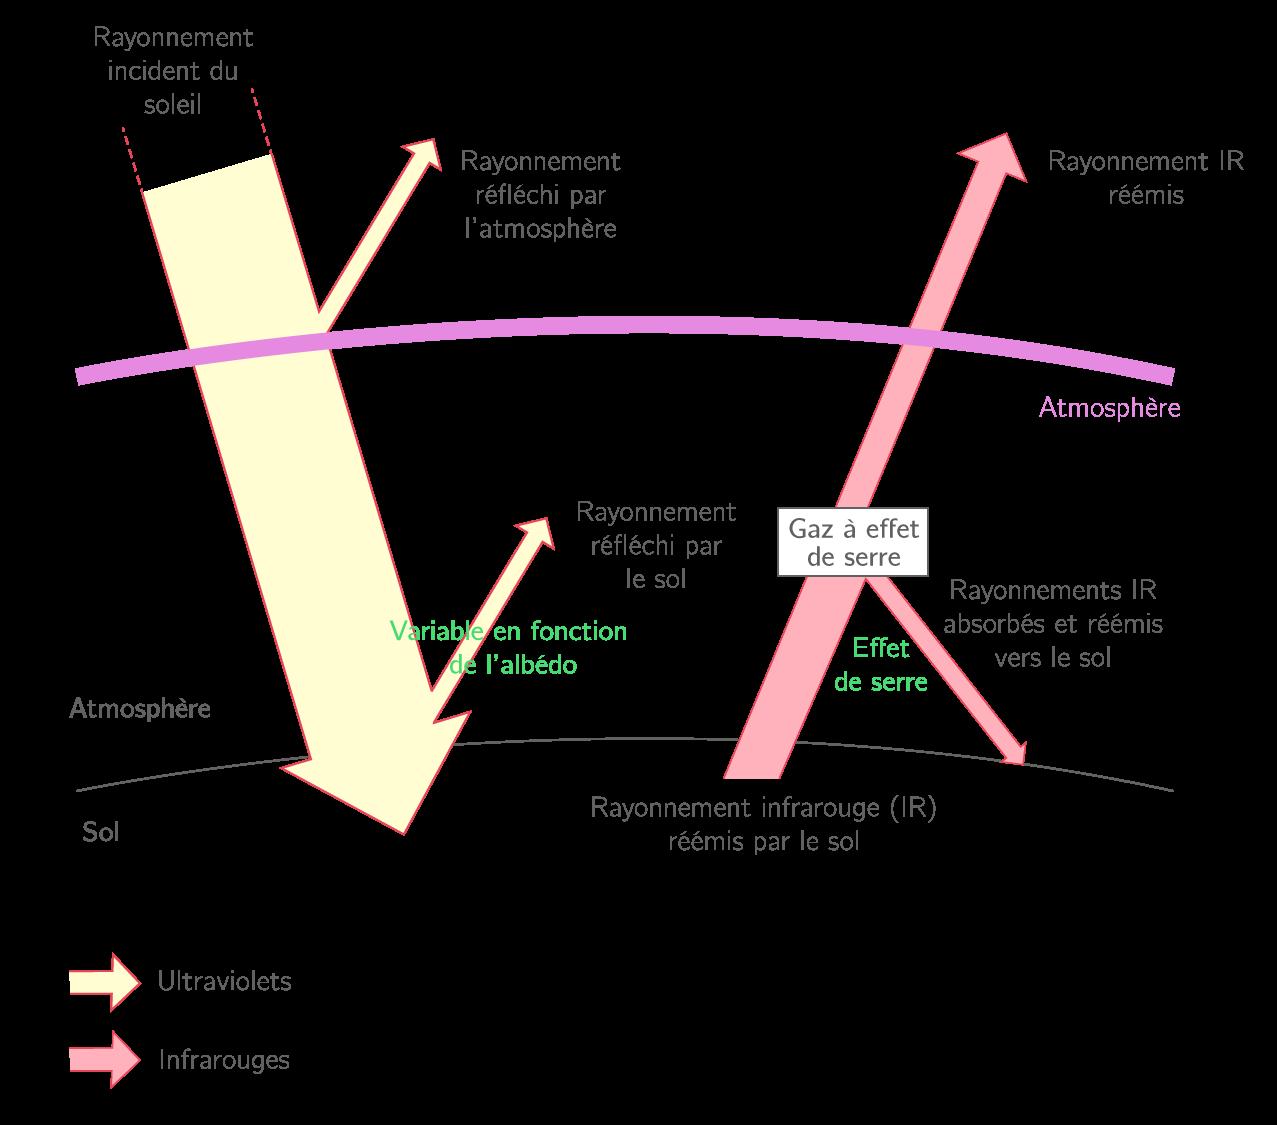 La schématisation du fonctionnement de l'effet de serre